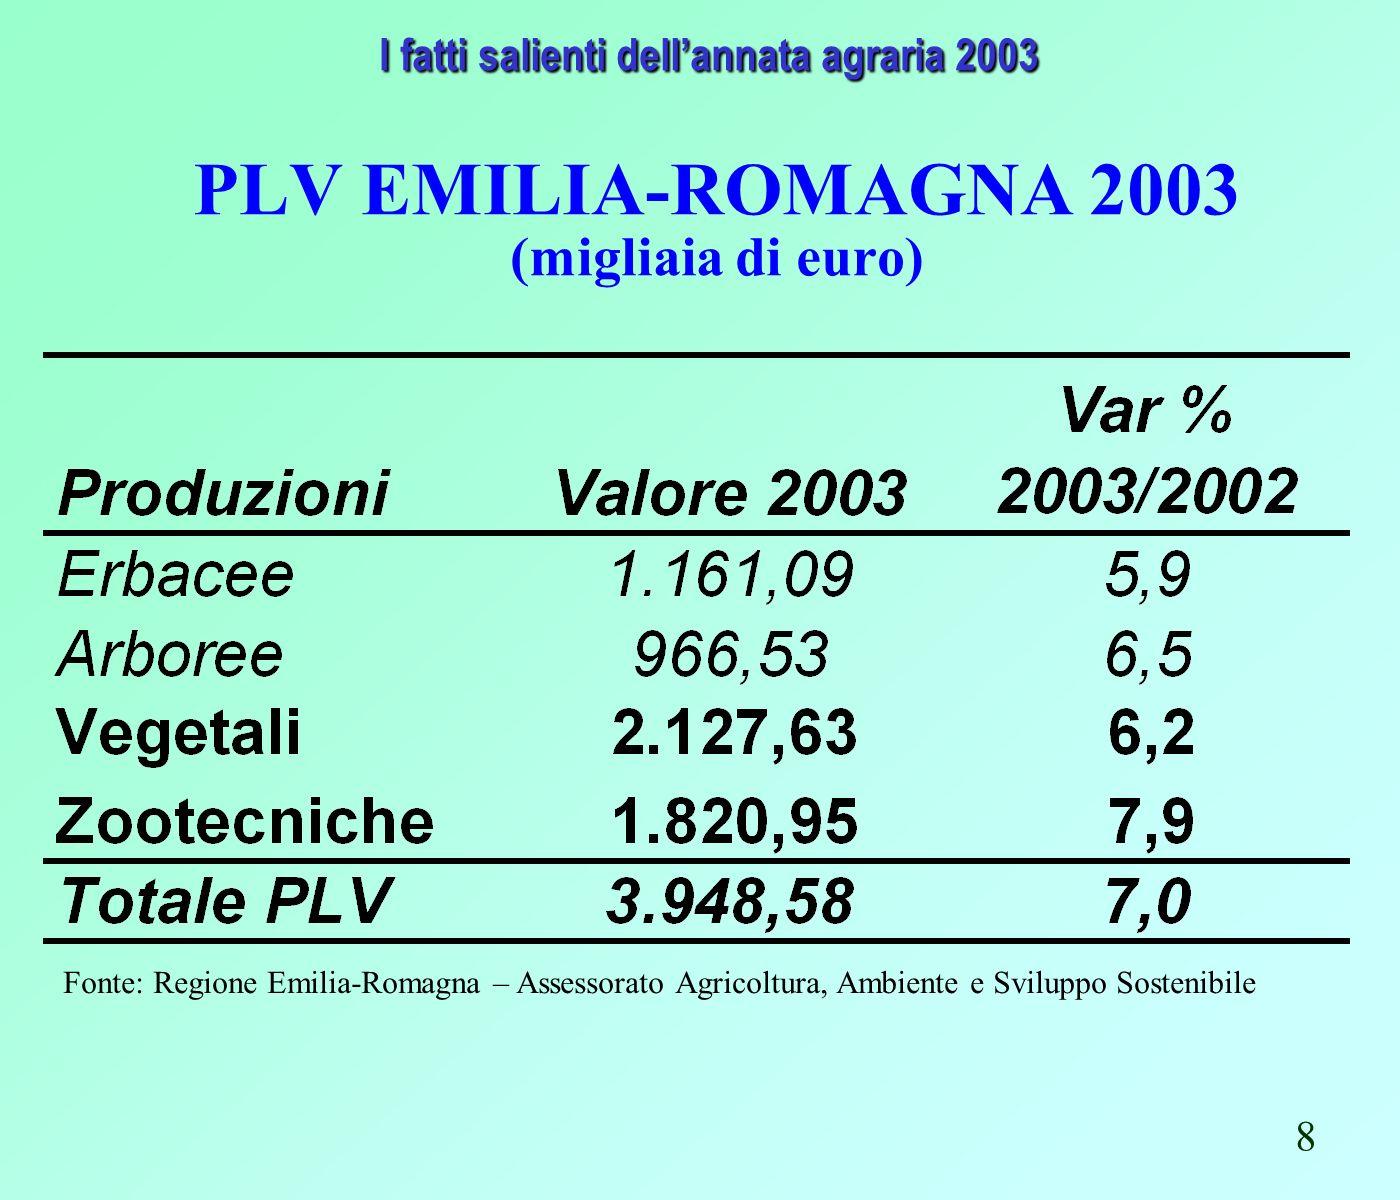 Lagriturismo Aziende agrituristiche in Emilia-Romagna per provincia Fonte: Regione Emilia-Romagna – Assessorato Agricoltura, Ambiente e Sviluppo Sostenibile 39